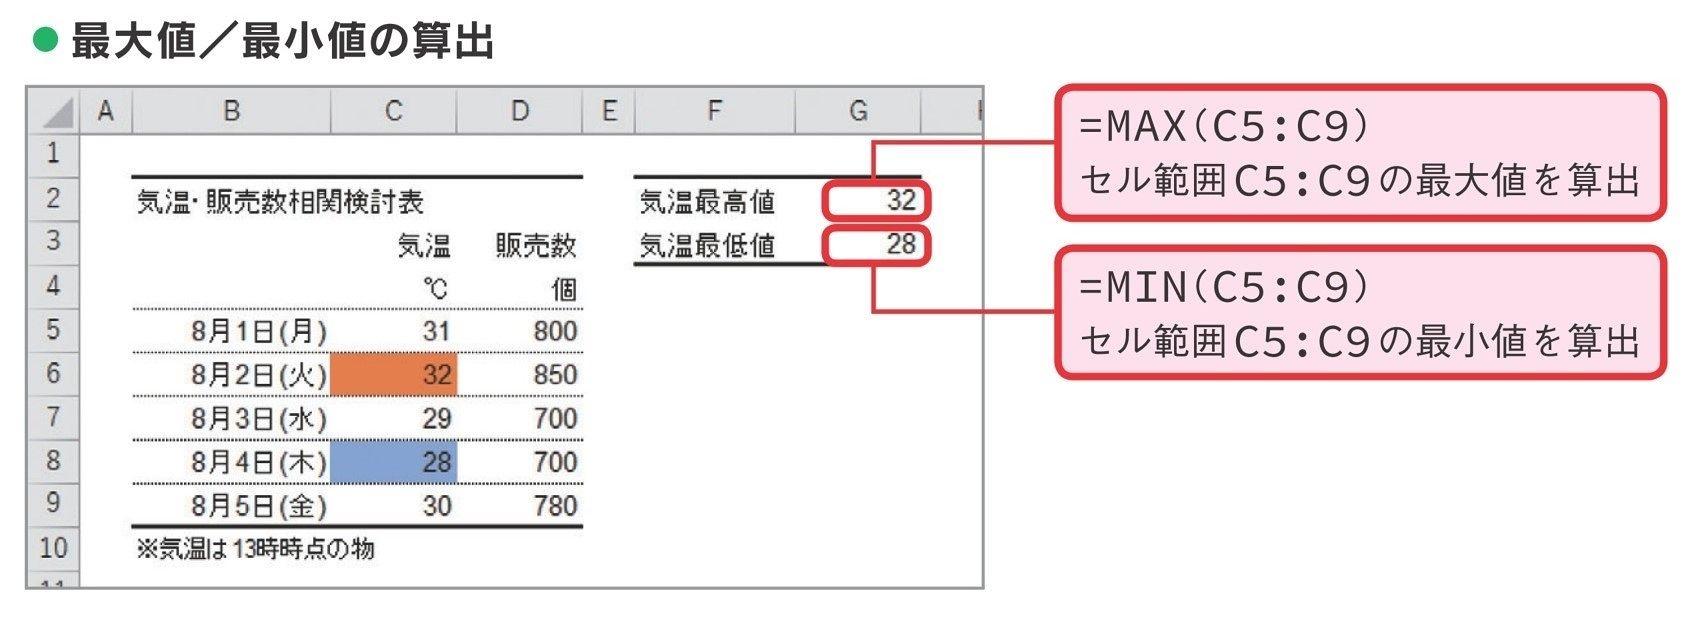 計算 エクセル 関数 年齢